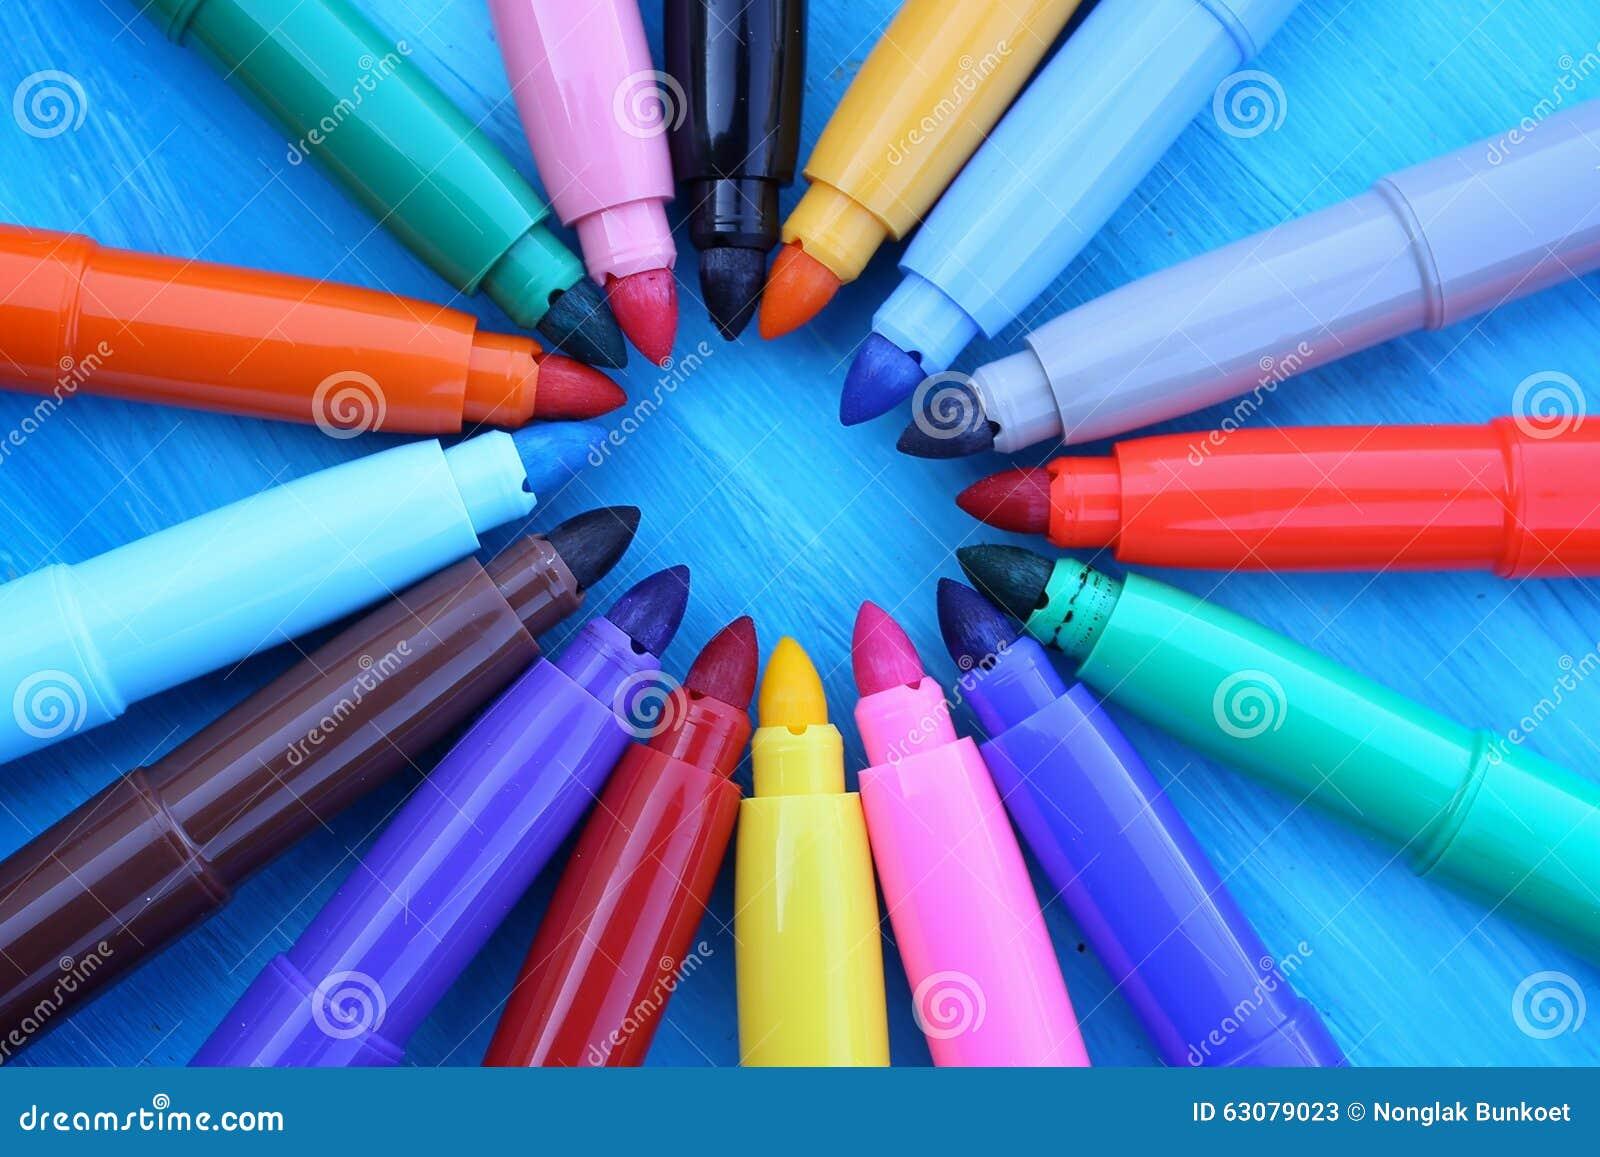 Download Maxi feutre multicolore image stock. Image du affichage - 63079023